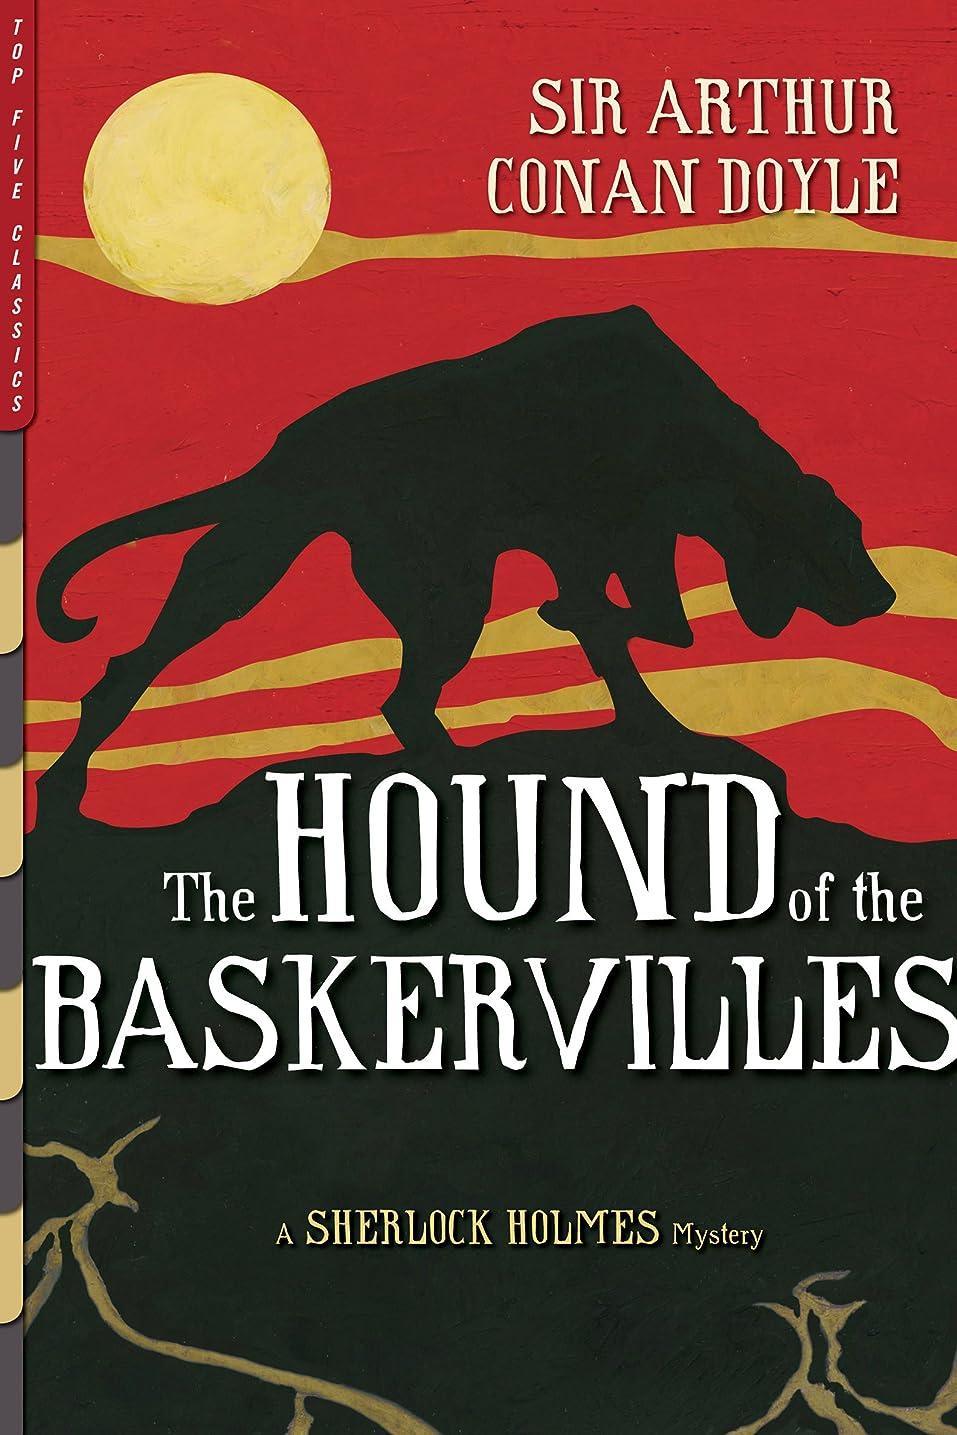 出費心からのためにThe Hound of the Baskervilles (Illustrated) (Top Five Classics Book 11) (English Edition)